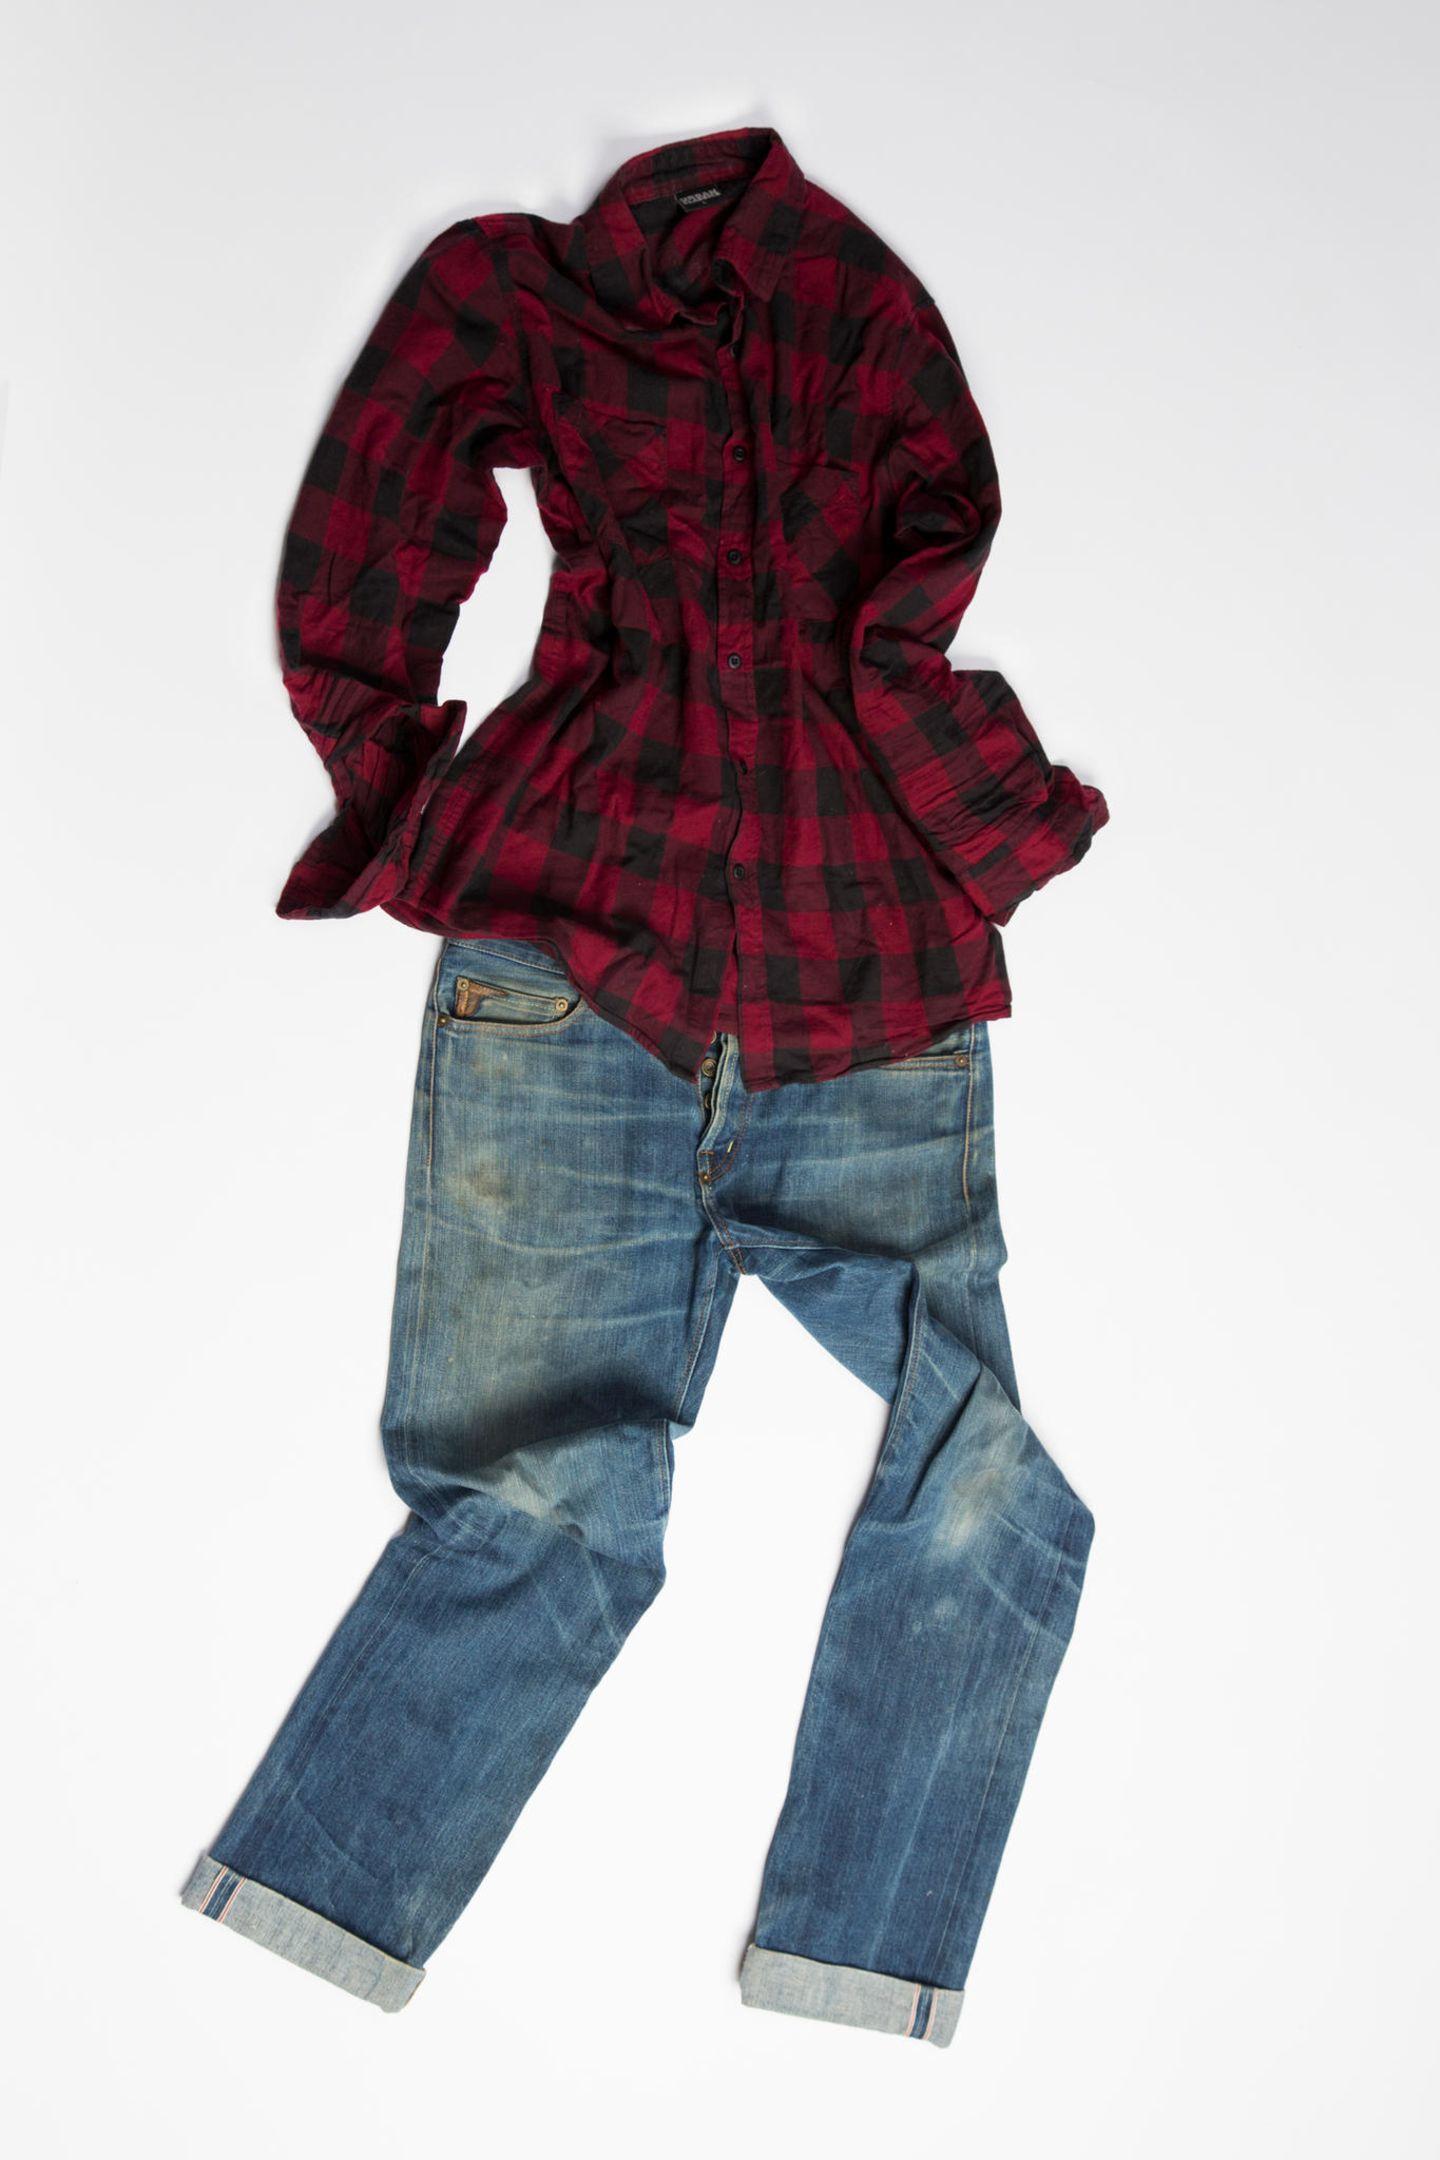 Ausstelliung: Hemd und Jeans